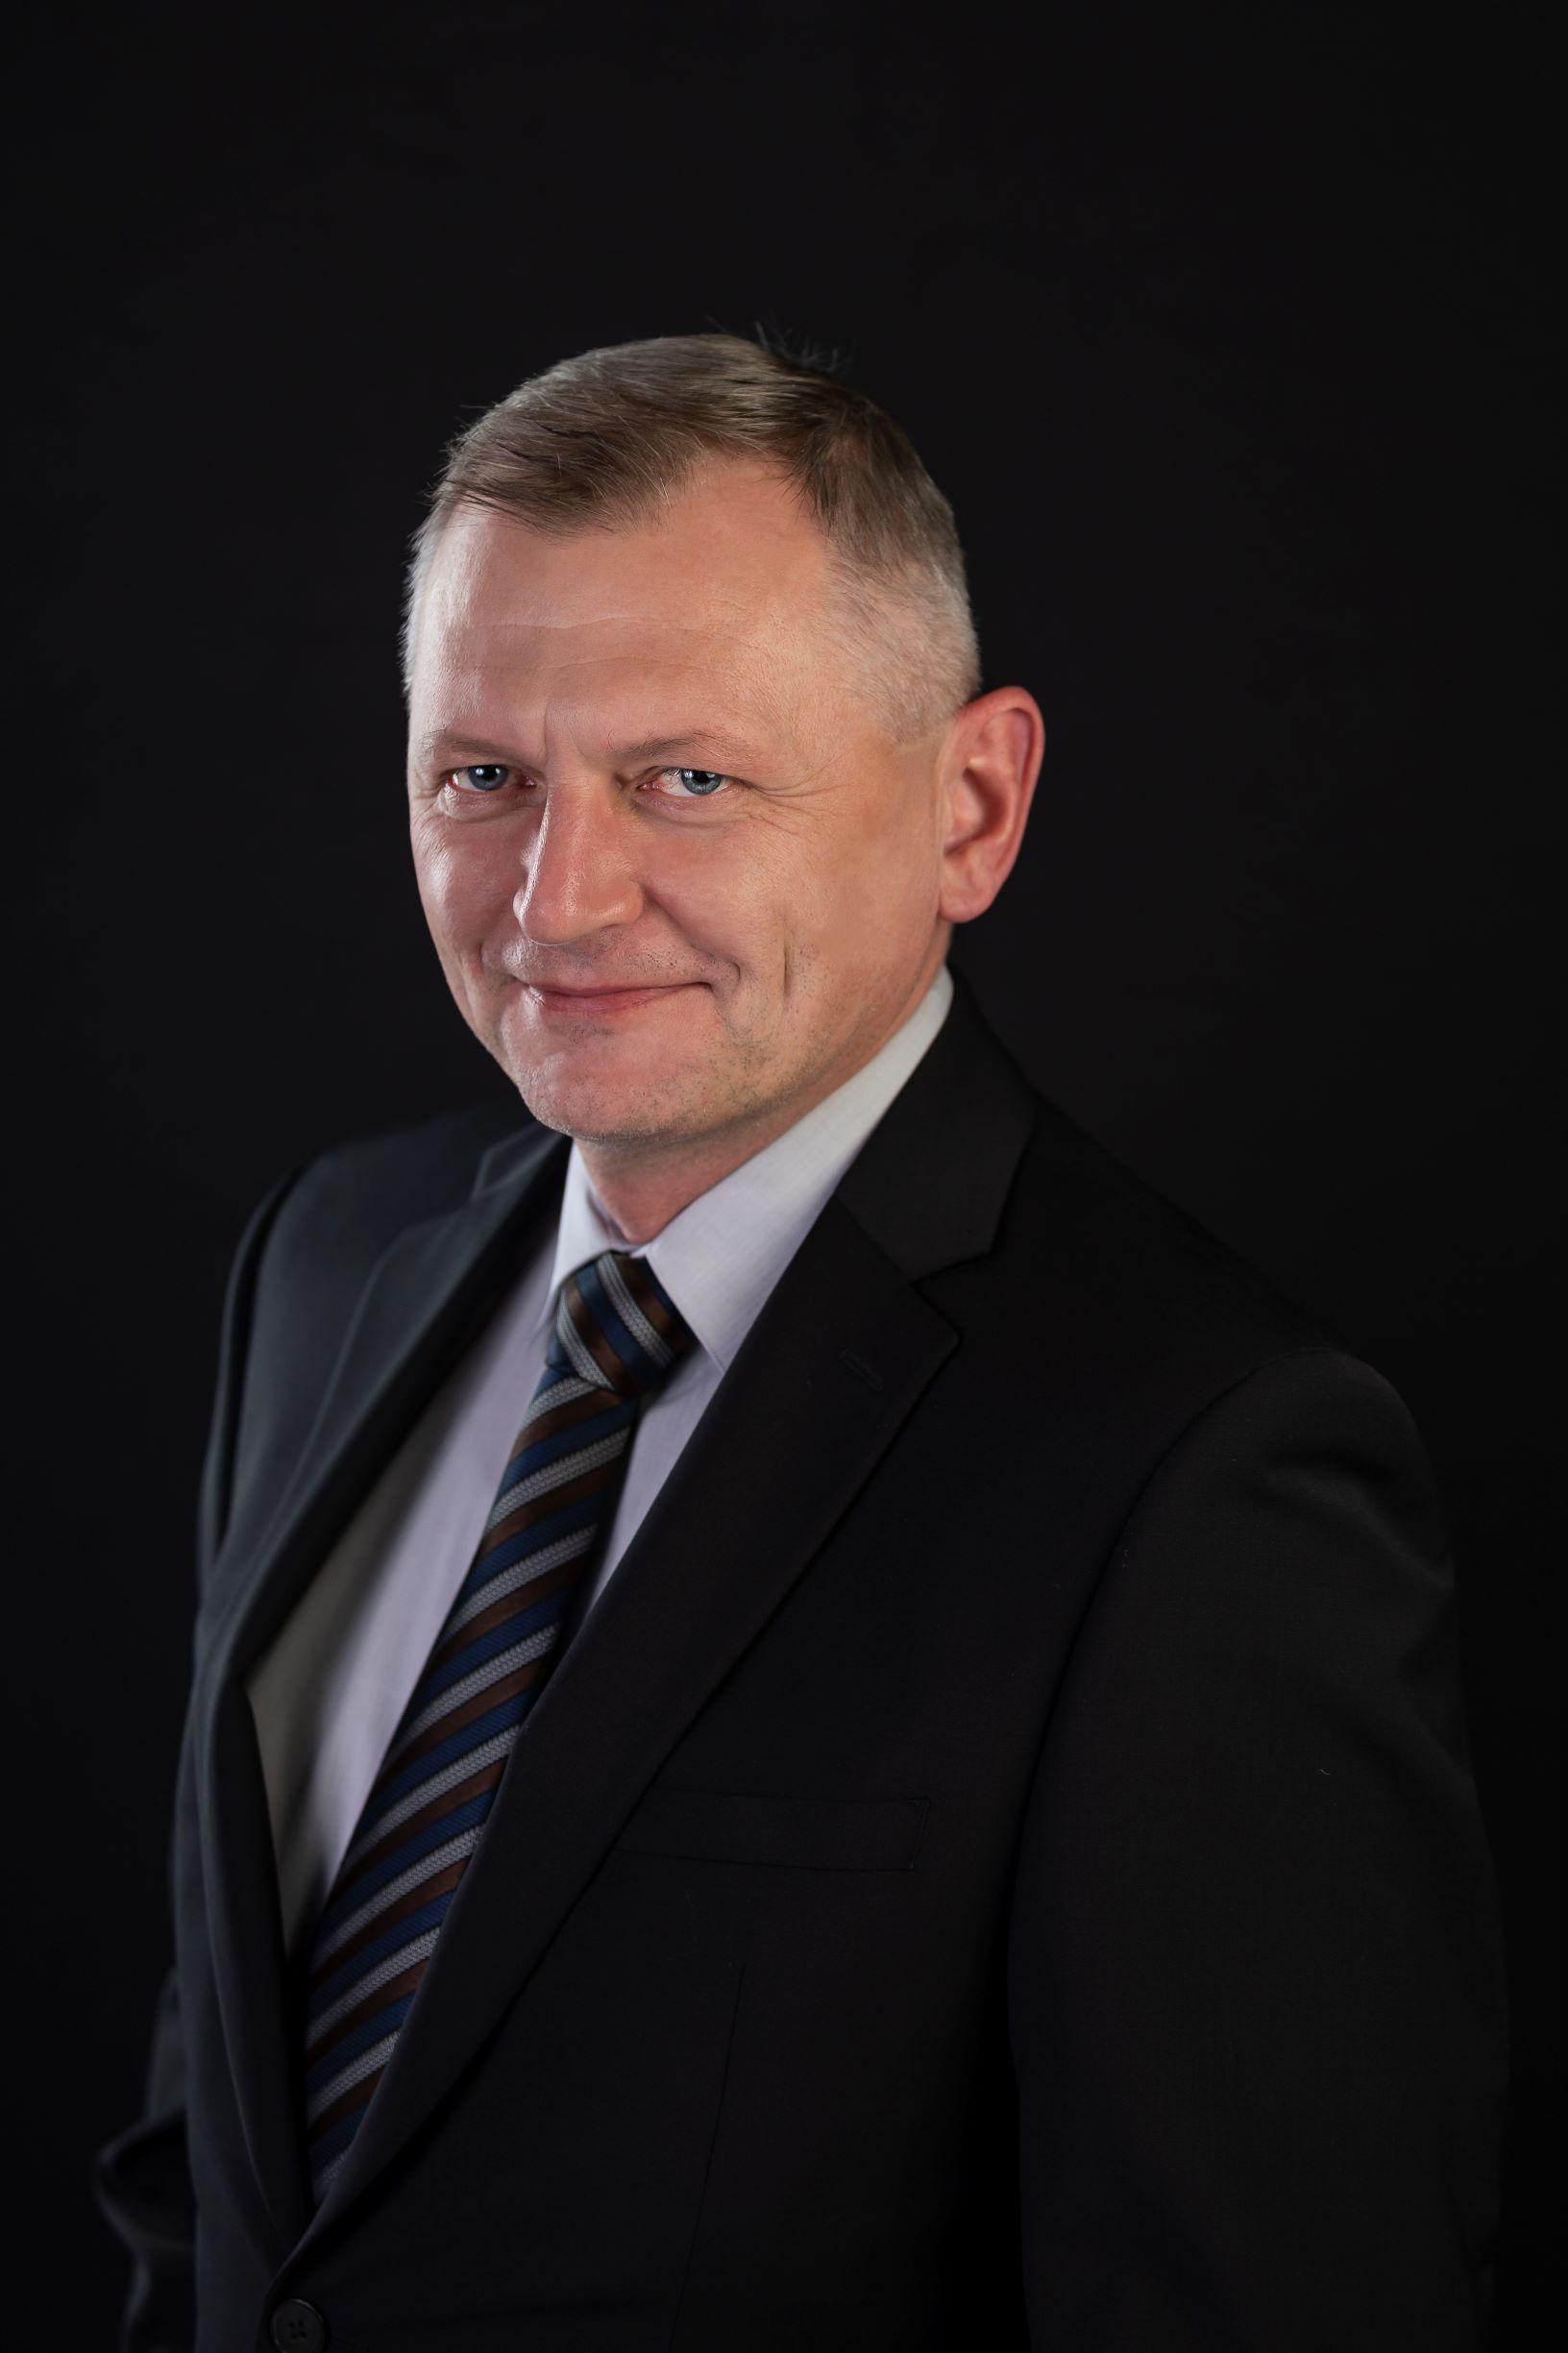 Krzysztof Strzepek